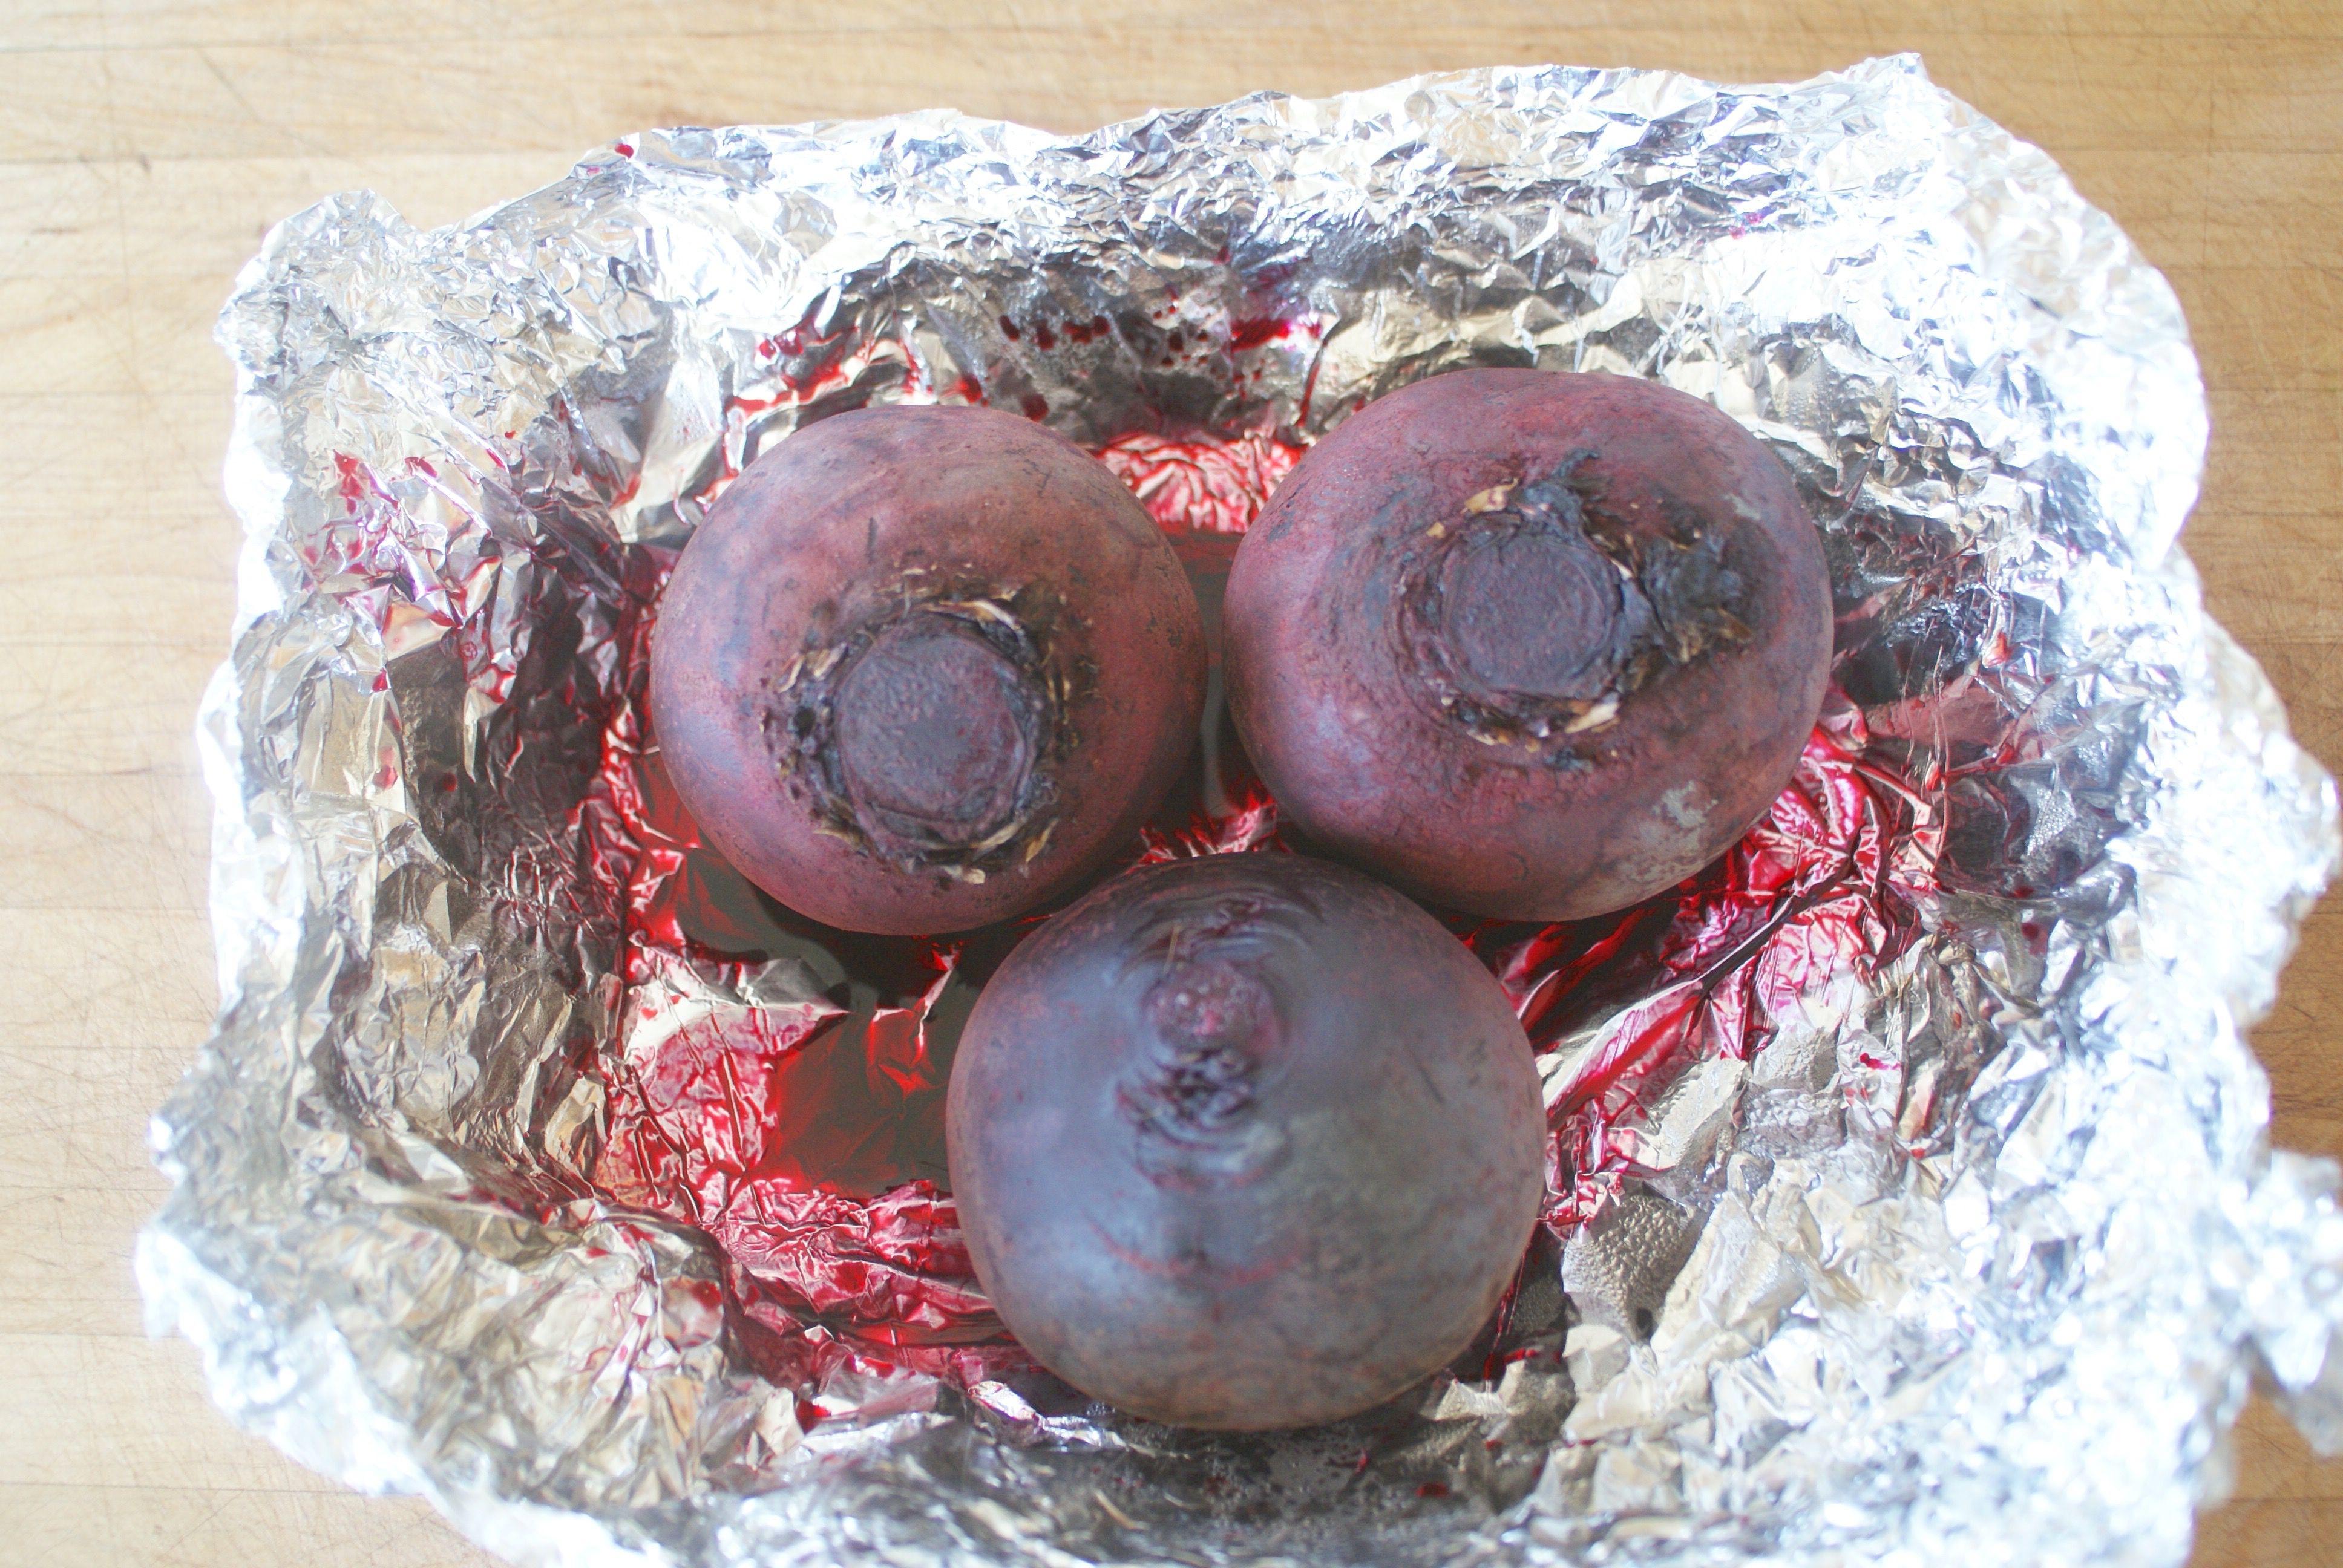 Unpeeled roasted beets